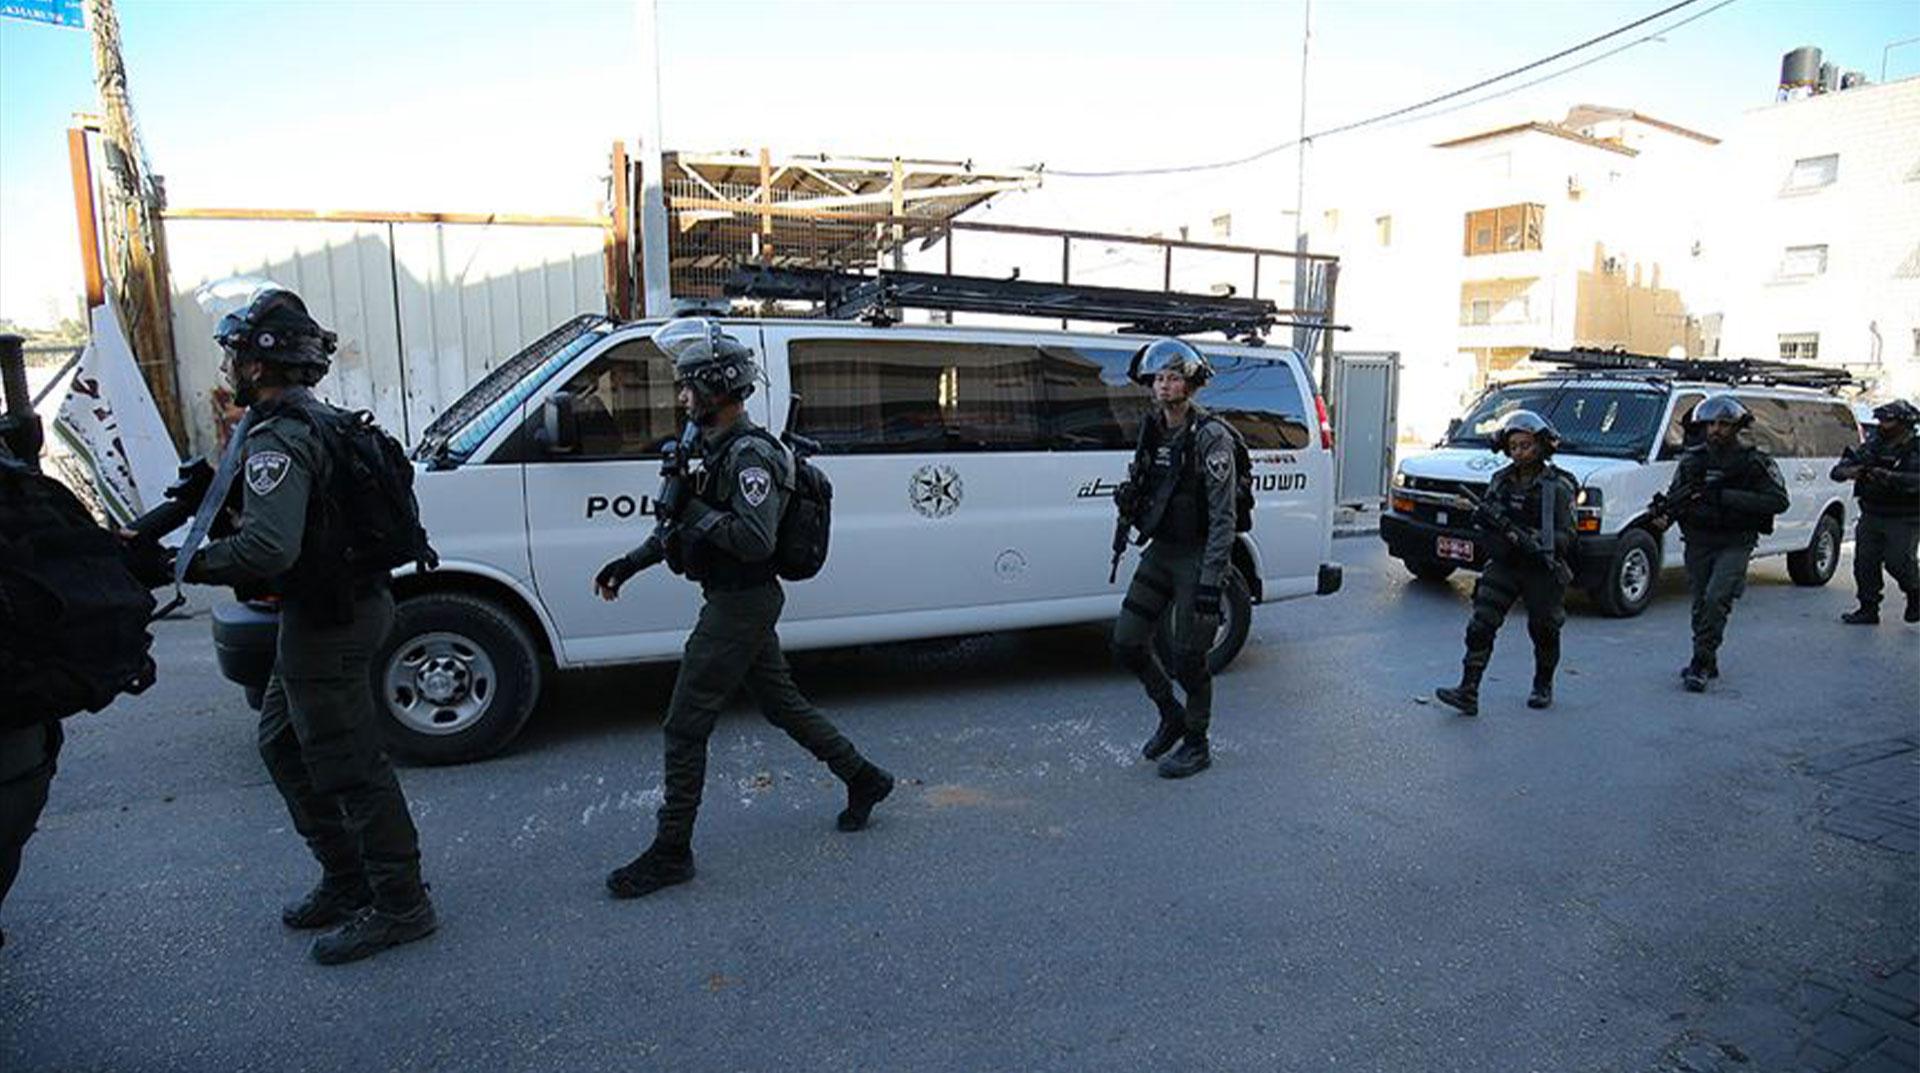 İşgal Güçleri Şeria'nın Batısında 5 Beldenin Giriş-Çıkış Yollarını Kapattı